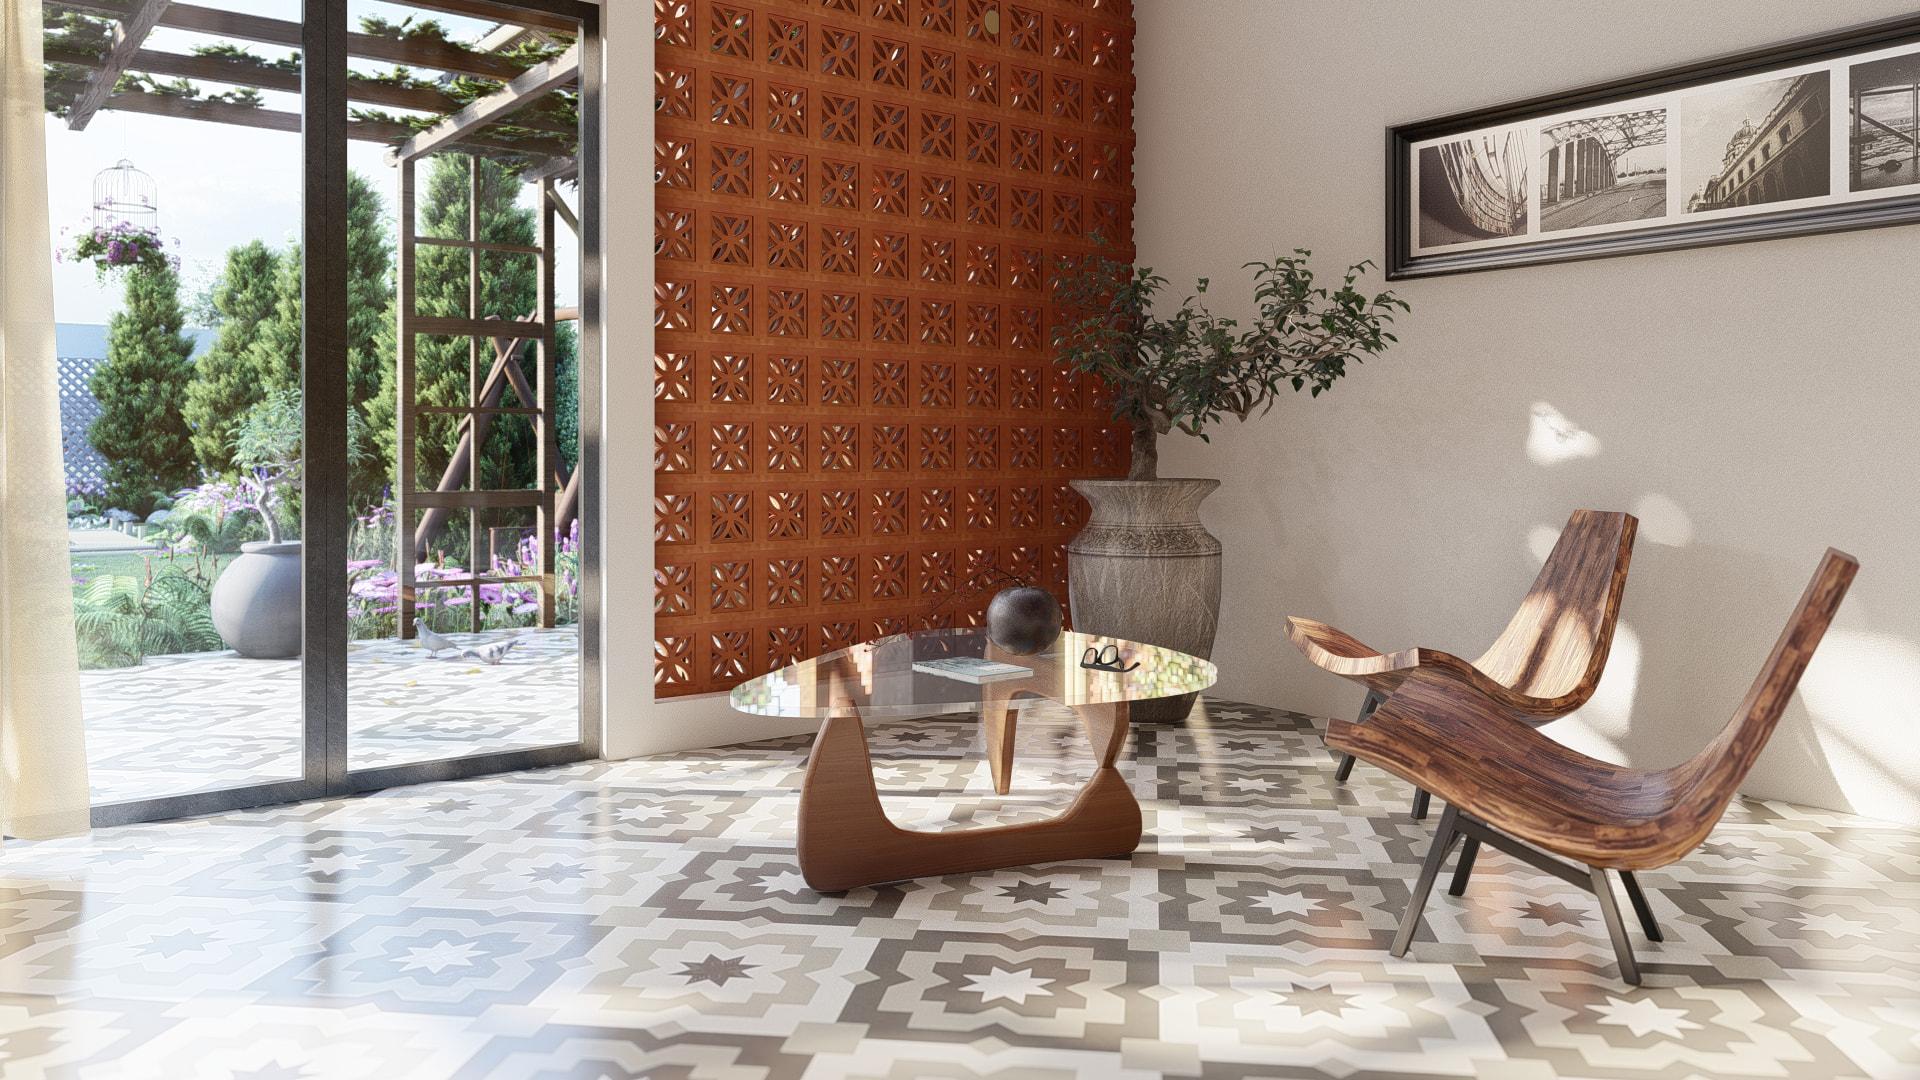 thiết kế Nhà tại Đồng Nai NHÀ SINH HOẠT TUẦN ,NGHĨ DƯỠNG  8 1557156710